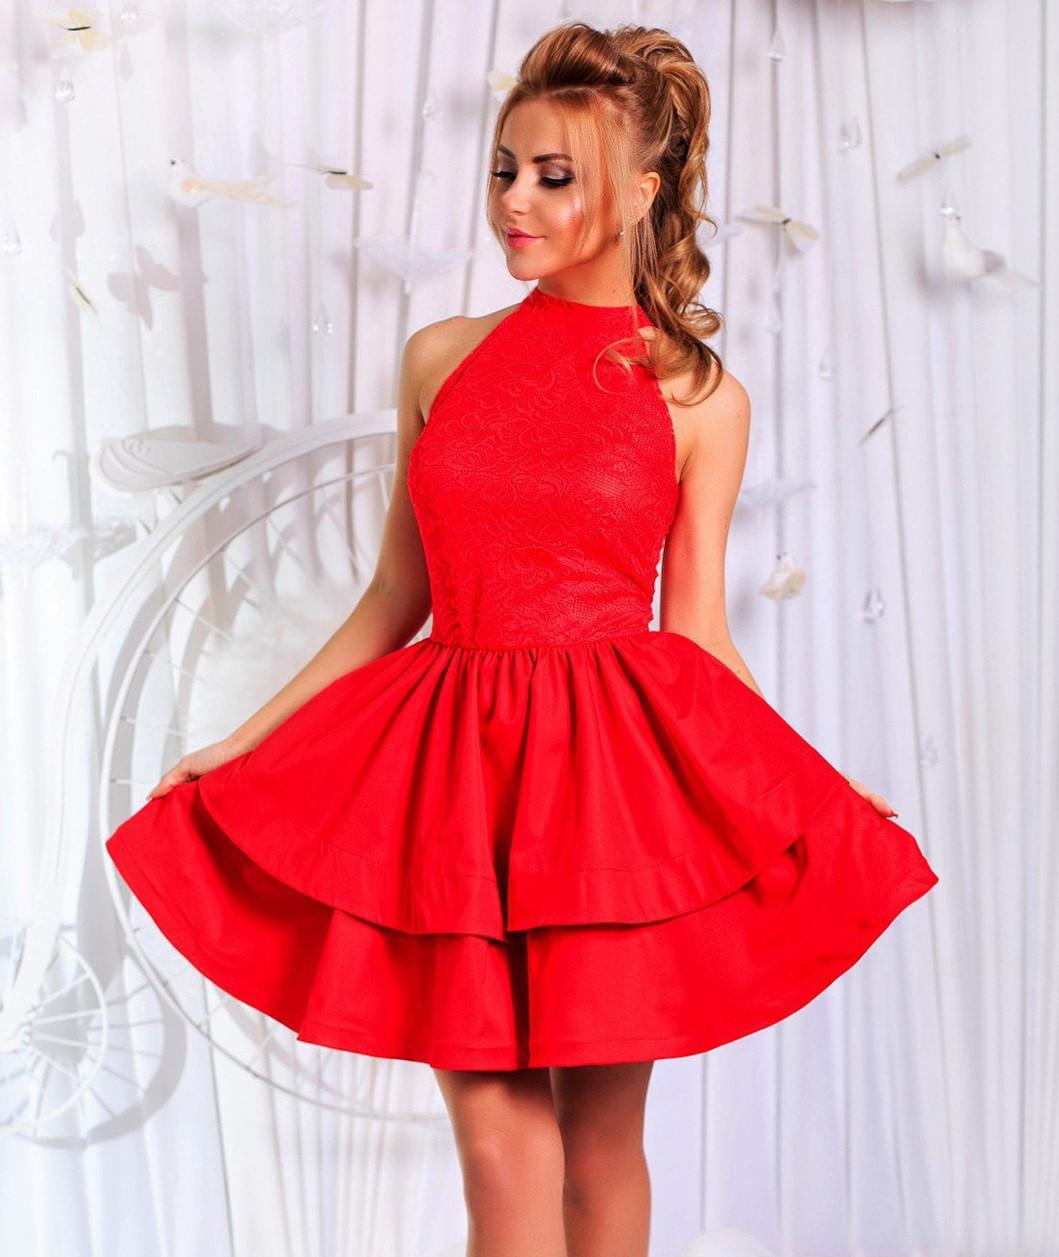 9715234d4c2 Платье с двойной юбкой и гипюром. Красное